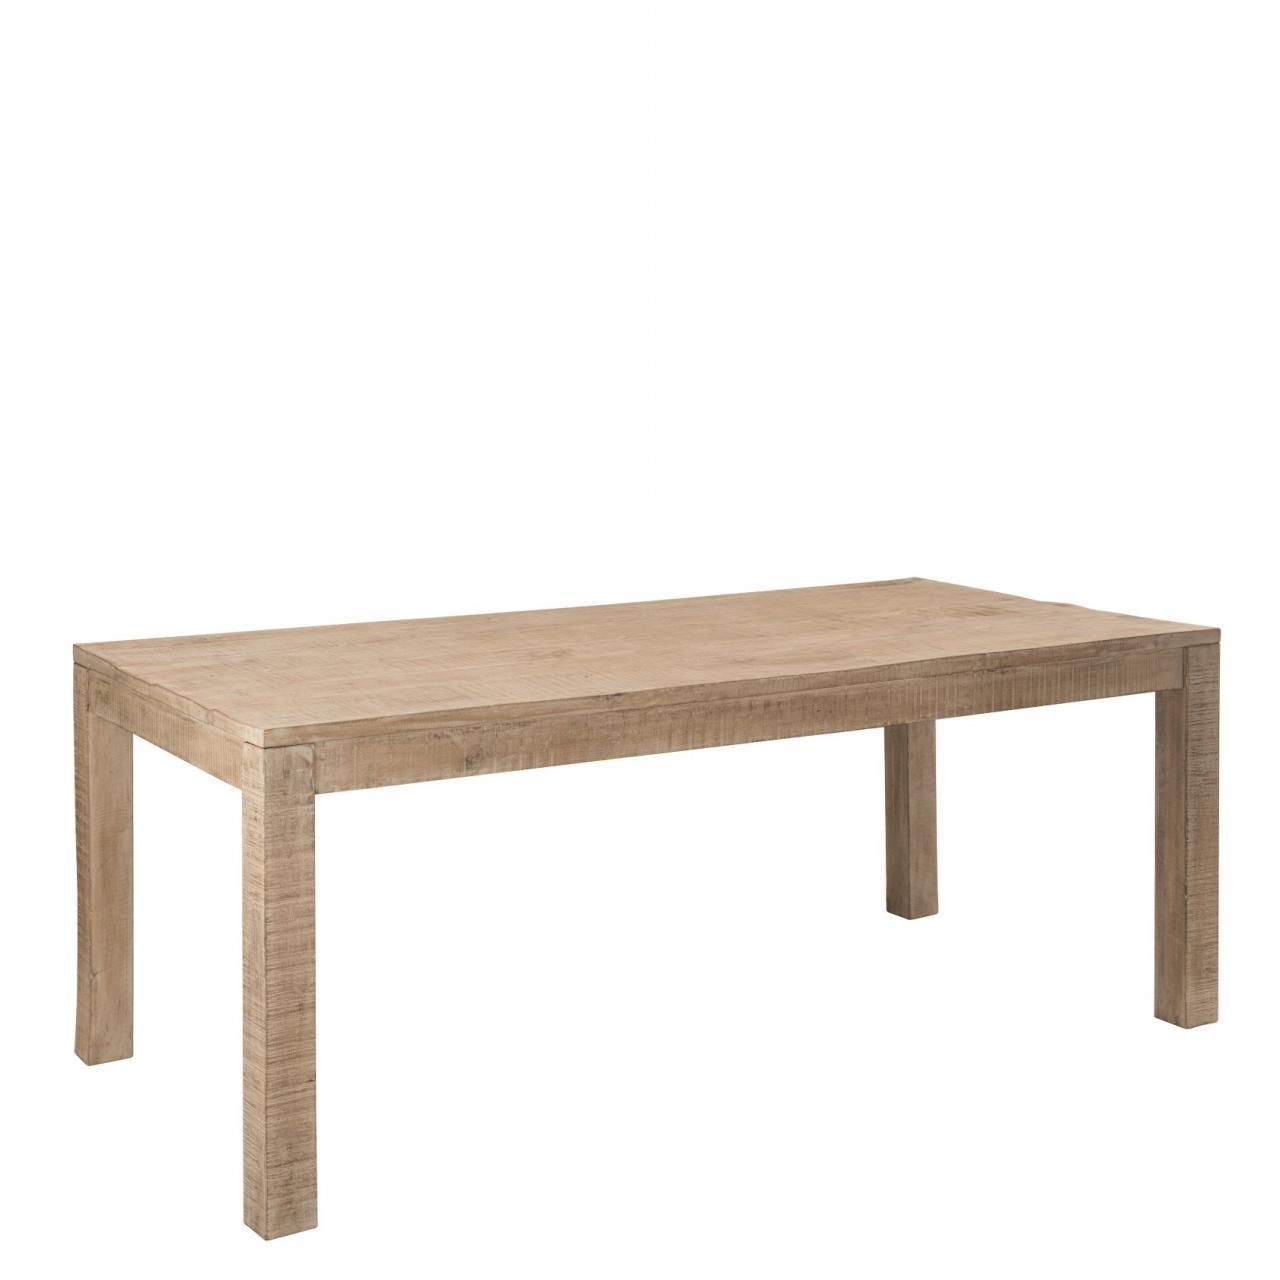 Tisch Suri Mangoholz Massiv Antique Weiß Esstisch Esszimmertisch 180 x 90 x 76 cm